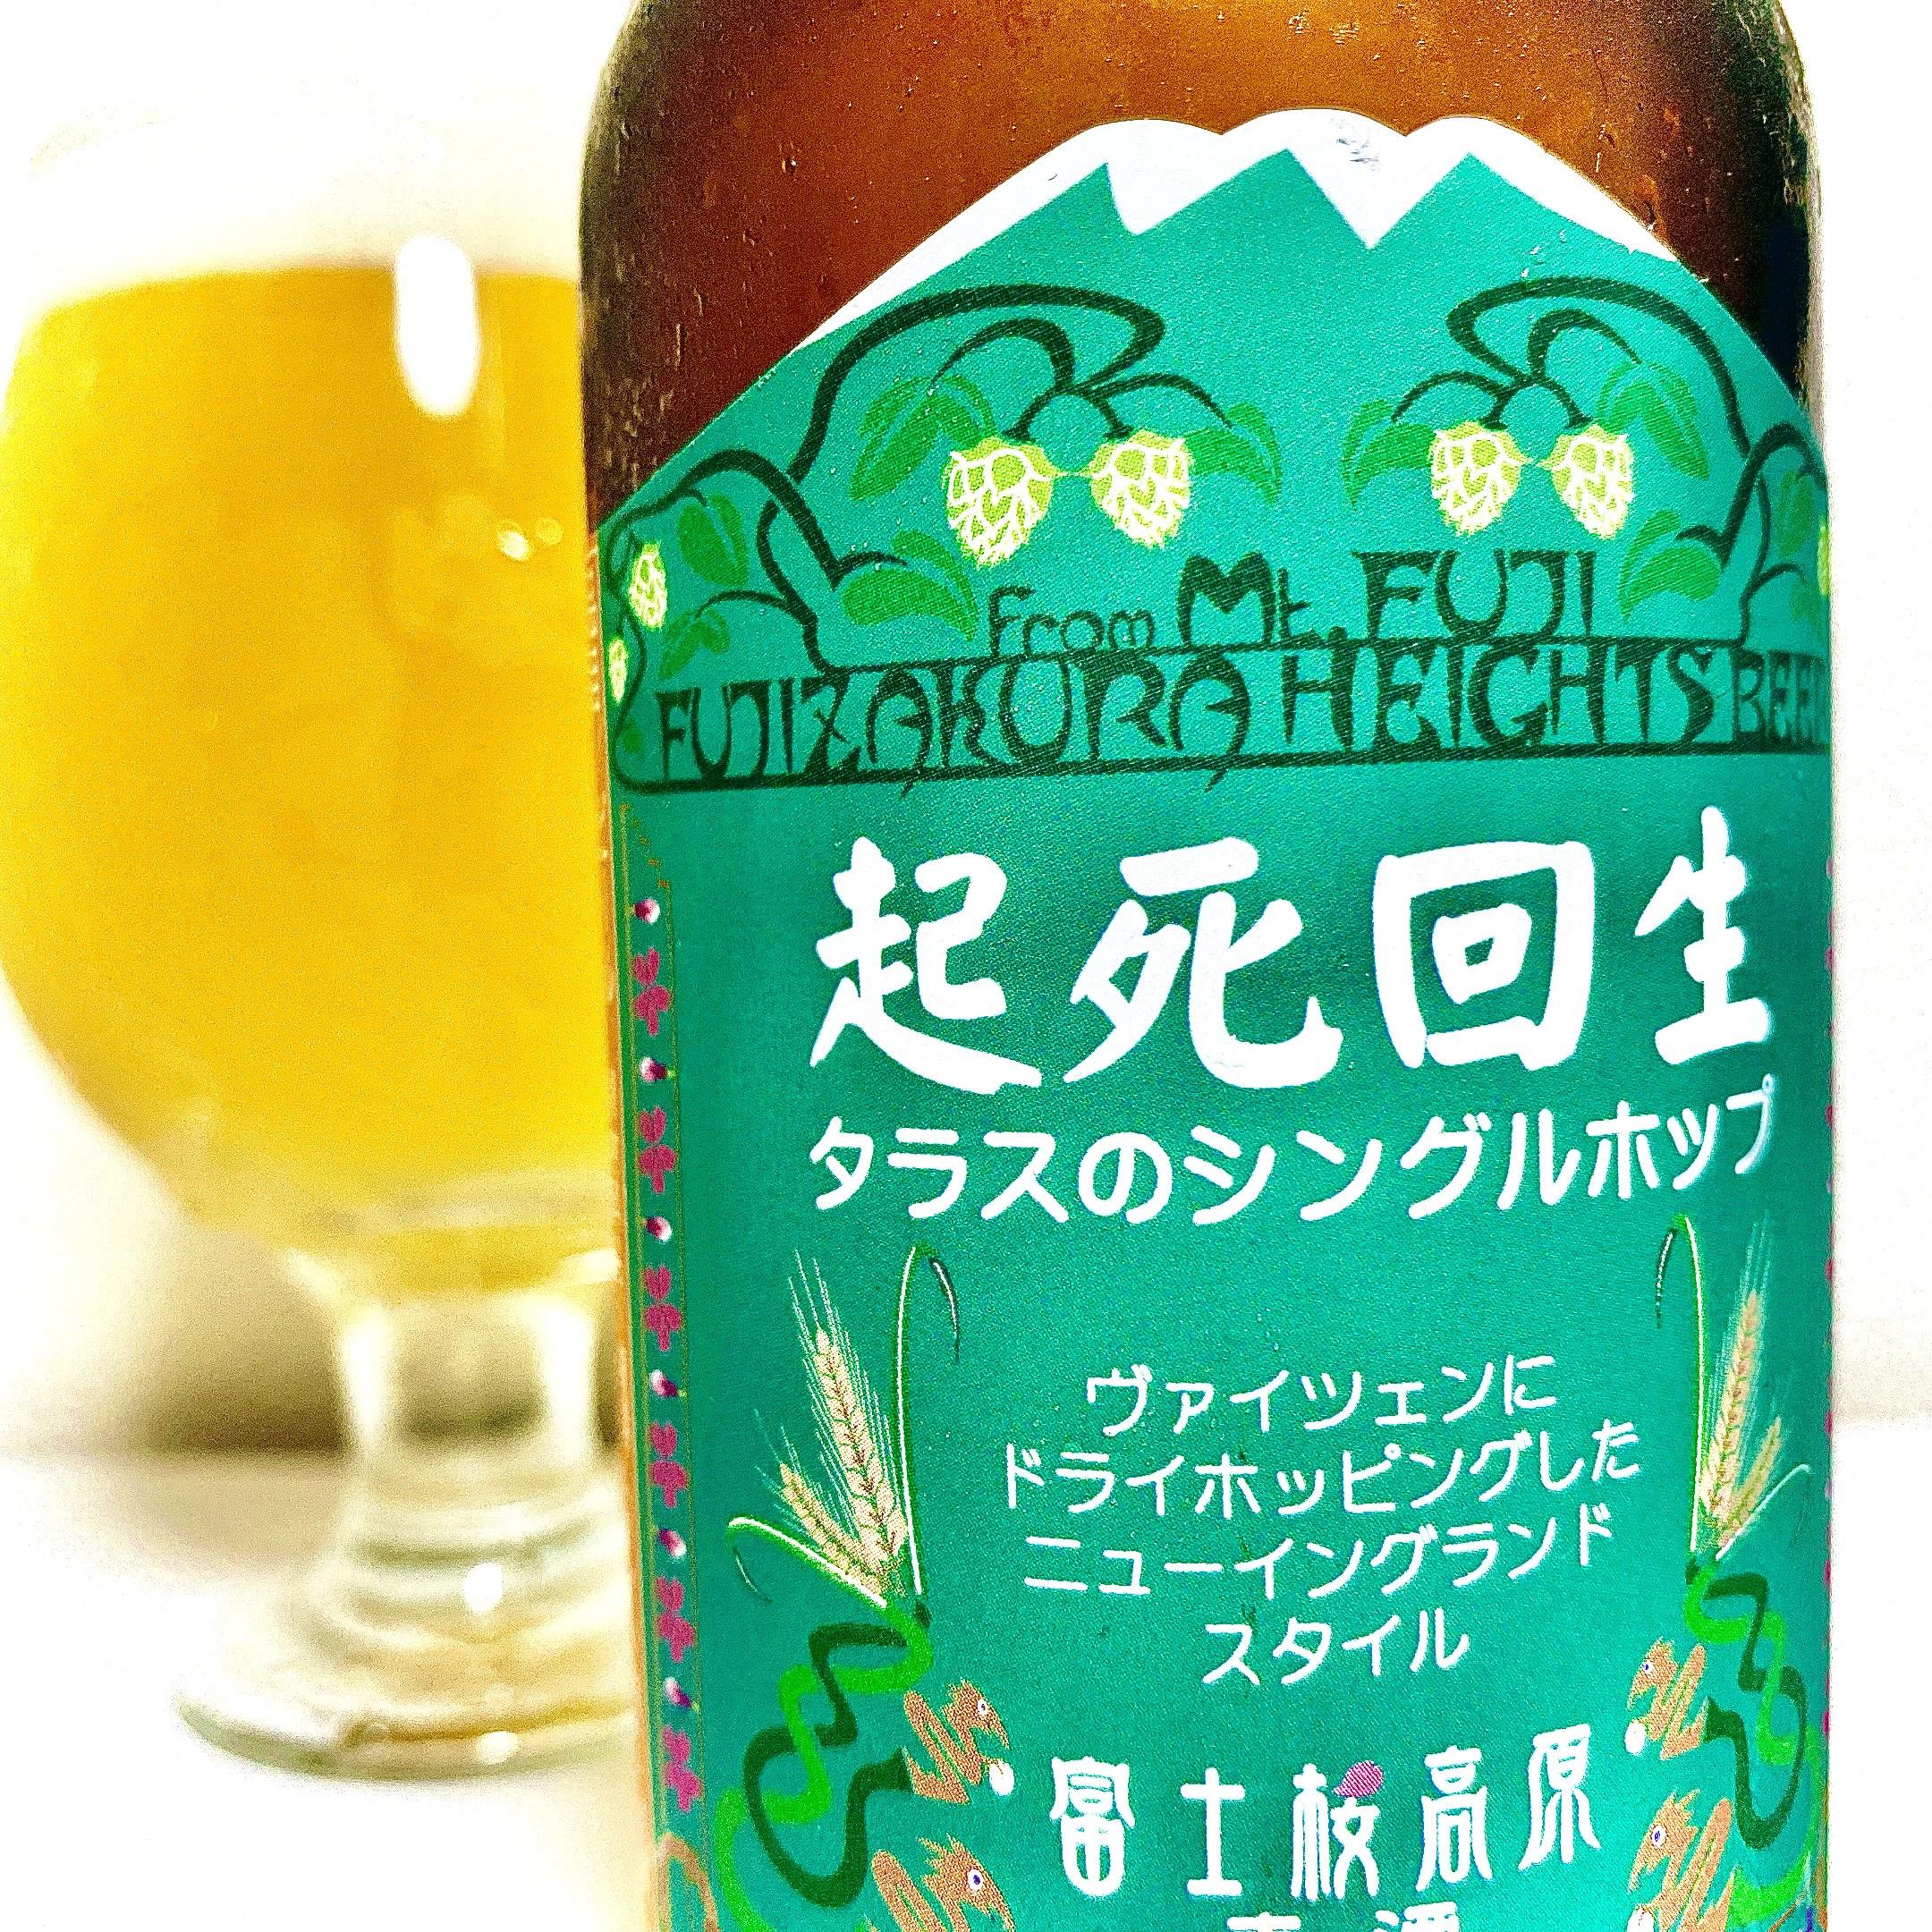 富士桜高原麦酒「起死回生」